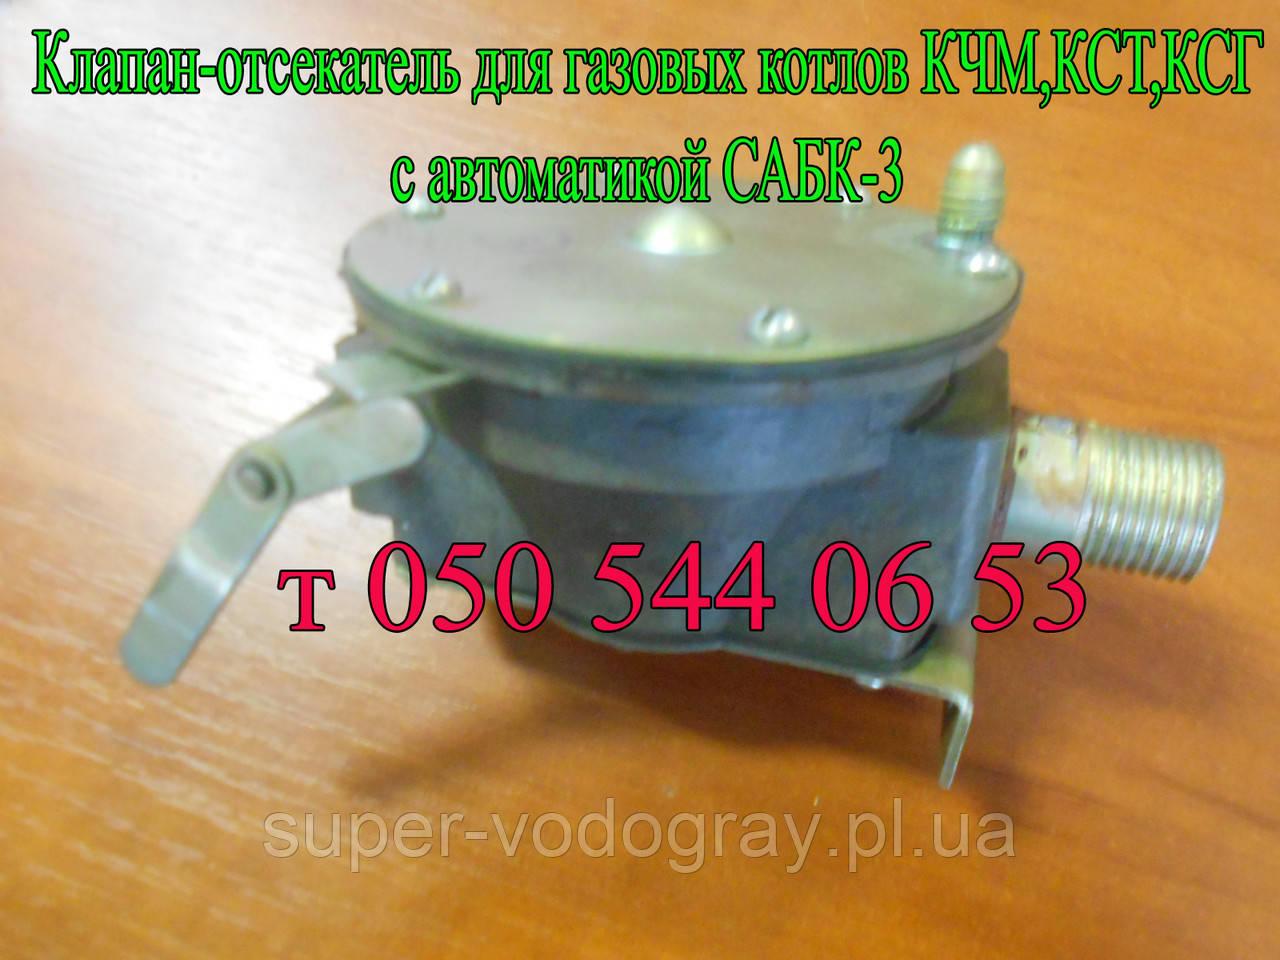 Клапан-отсекатель для газовых котлов КЧМ,КСТ,КСТ с автоматикой САБК-3